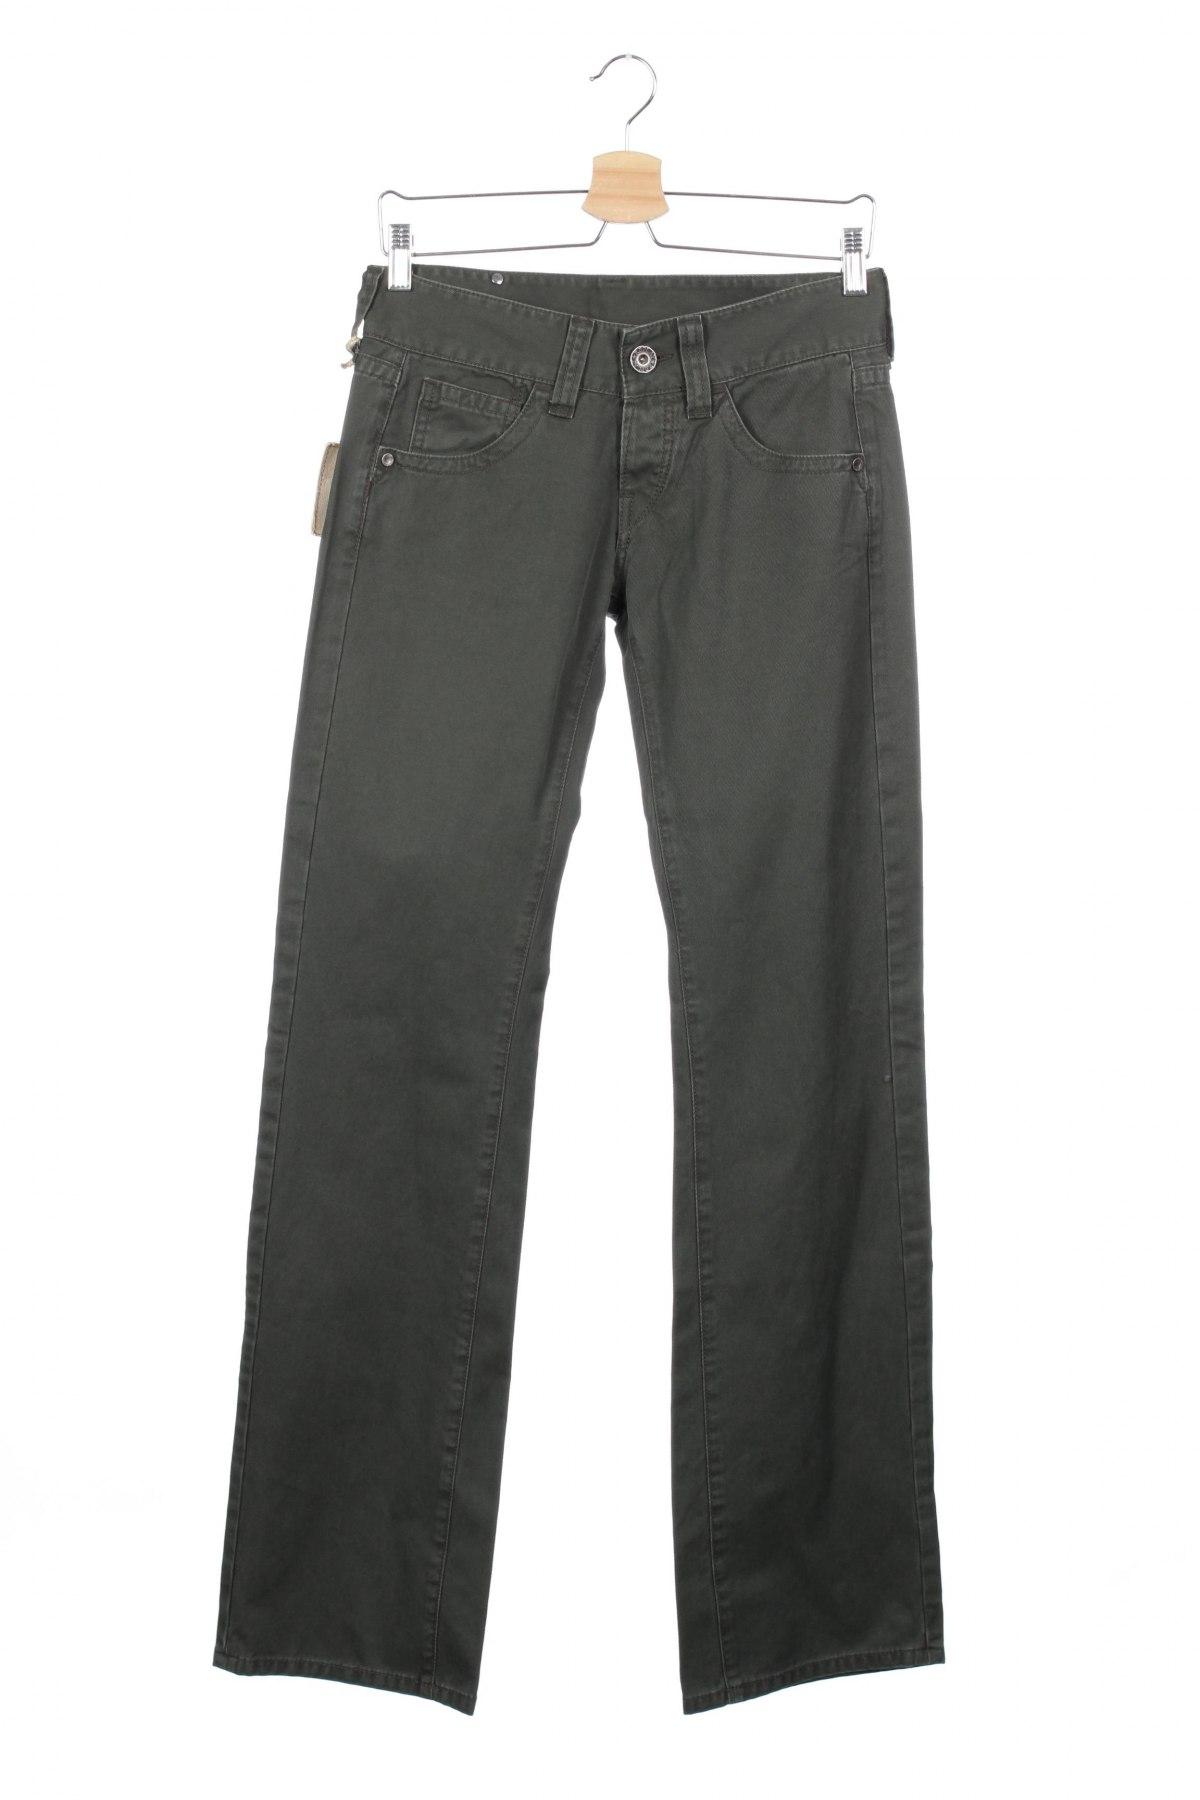 Dámské kalhoty Replay - koupit za vyhodné ceny na Remix -  102228700 1af0bb0c1c